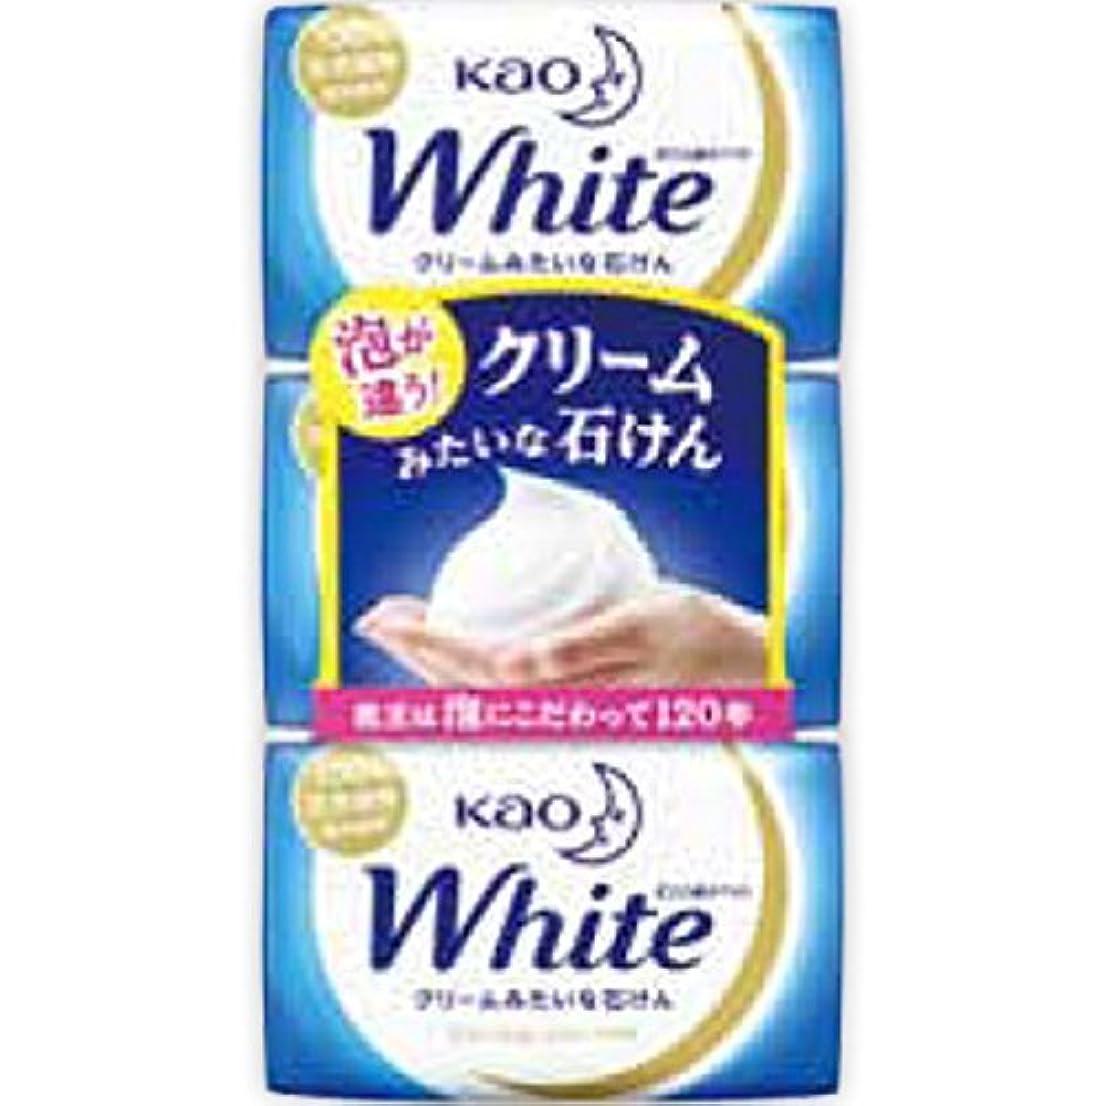 チーフ傾向があるしたい花王ホワイト レギュラーサイズ 85g*3個入